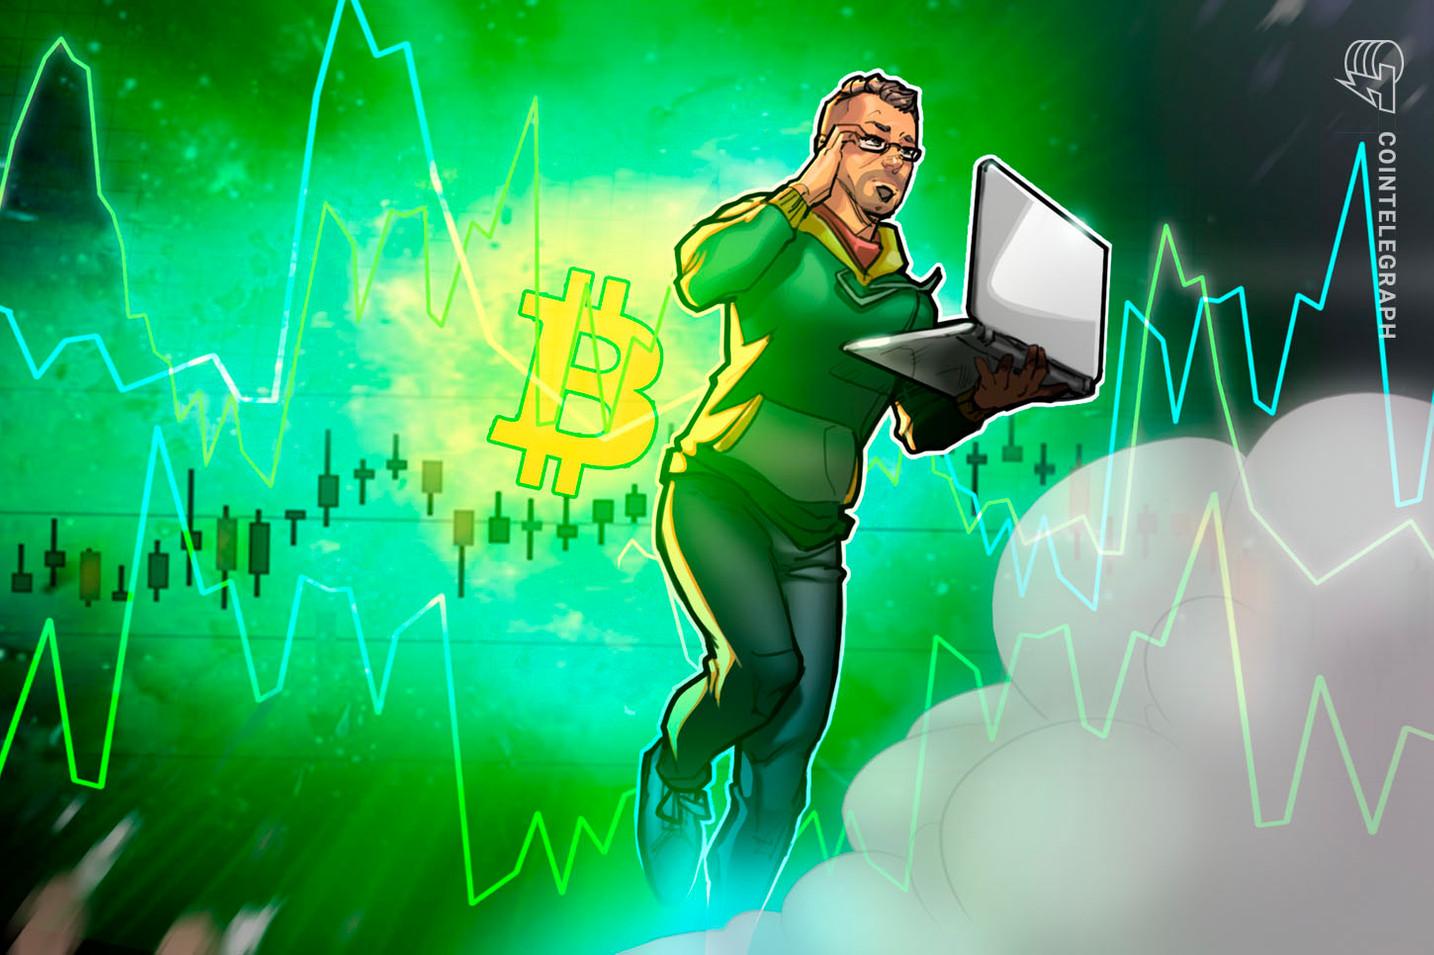 仮想通貨ビットコインは数週間で7万5000ドルも?2013年と「不気味なほど酷似」